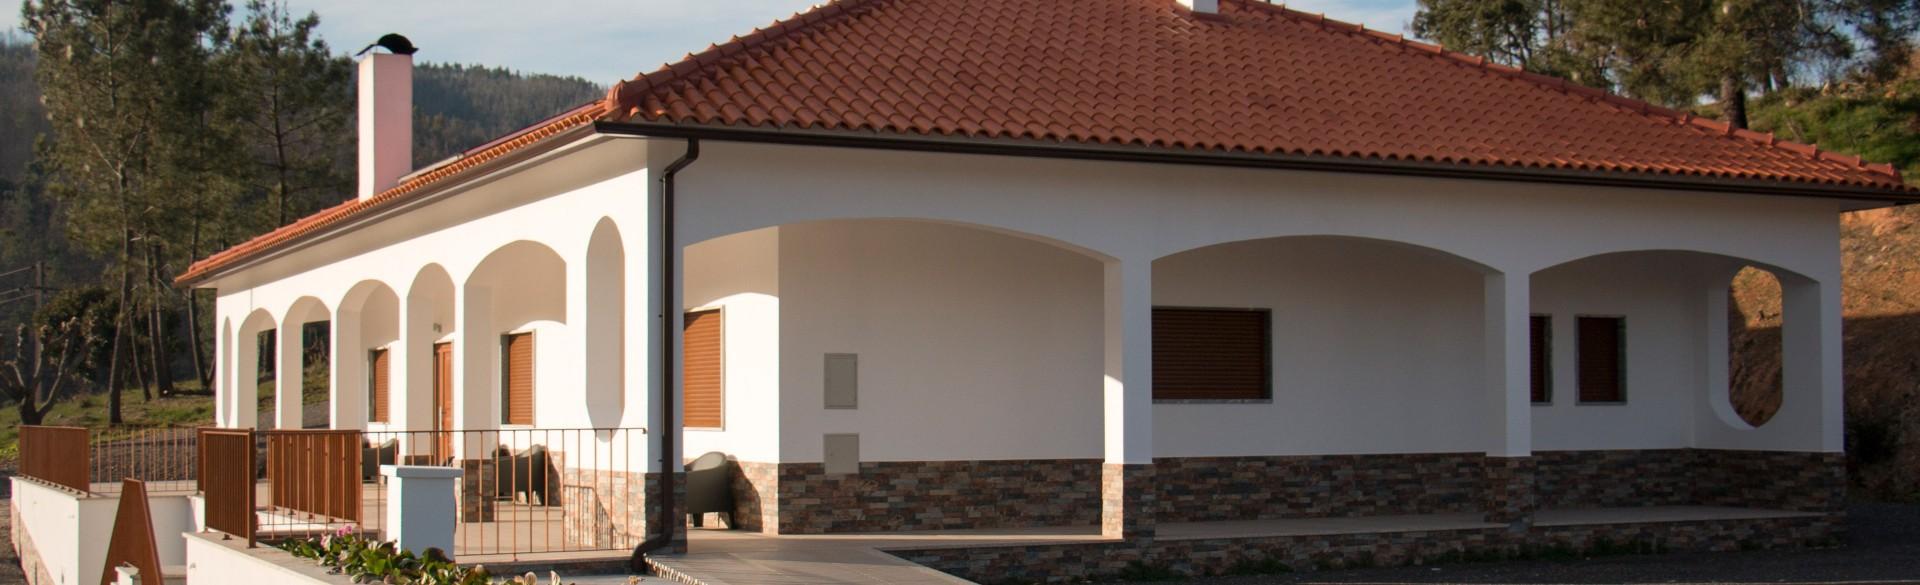 Casa do Medronho - Casa do Centro